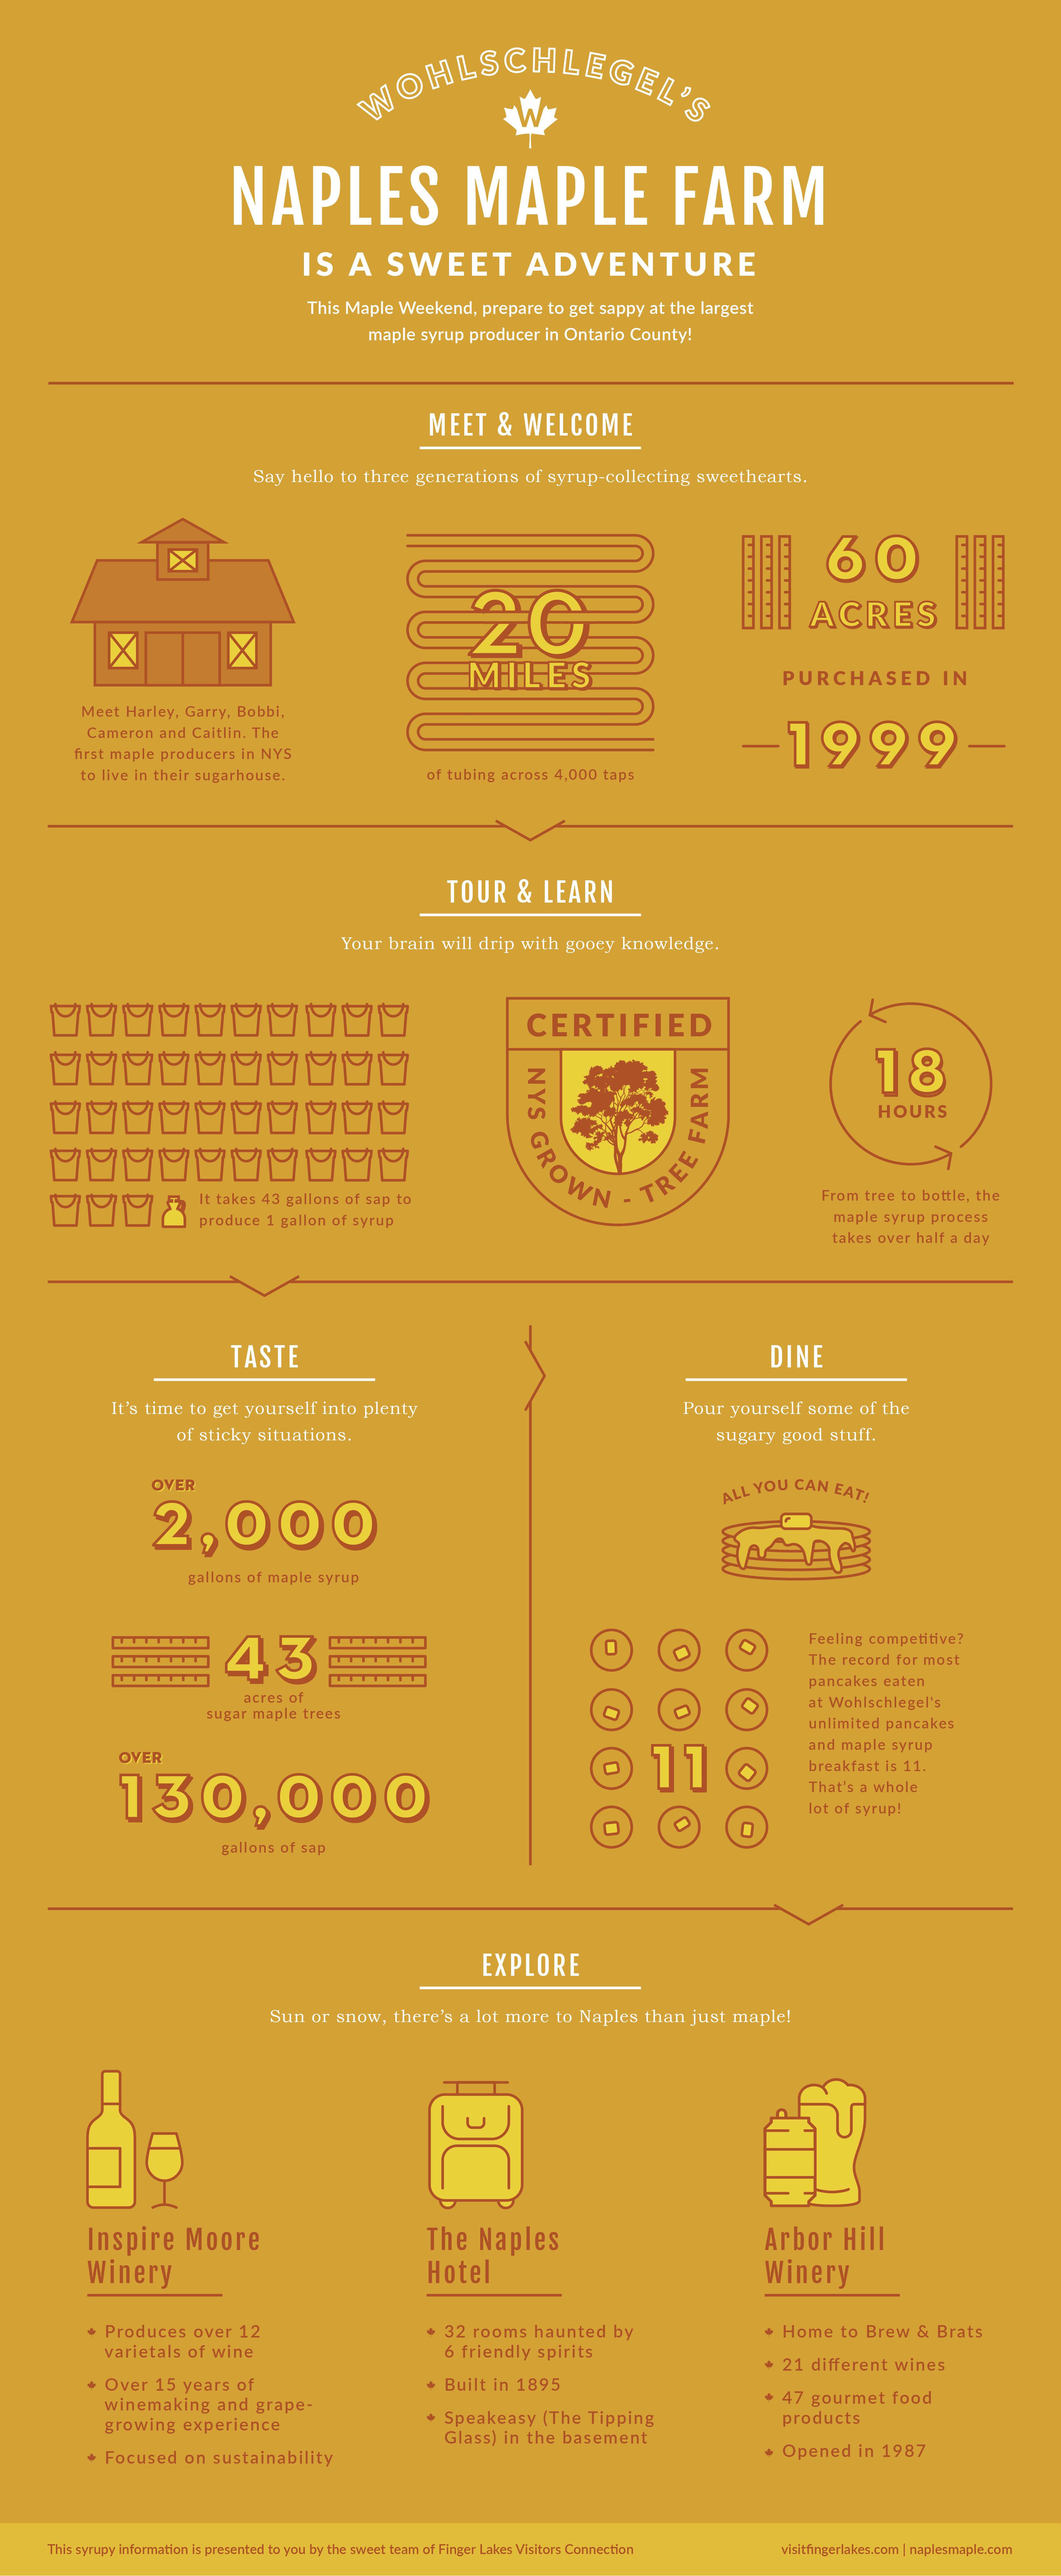 wohlschlegels-naples-maple-farm-infographic